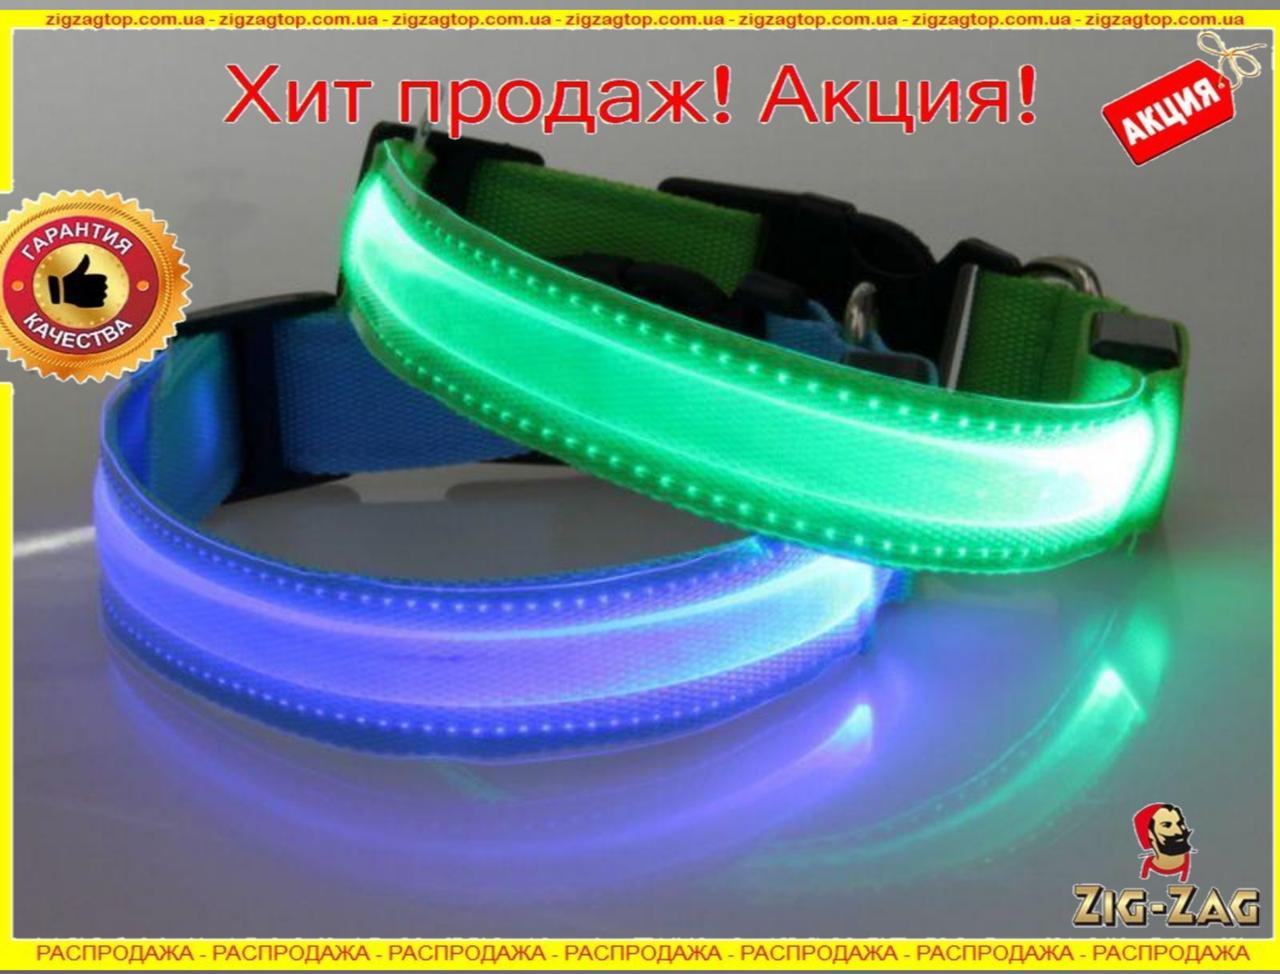 Нашийник LED Світиться ДЛЯ Собак і Кішок 0.5 м Собаки повідець Нашийники світло 3 режиму з Підсвіткою й з Нейлону